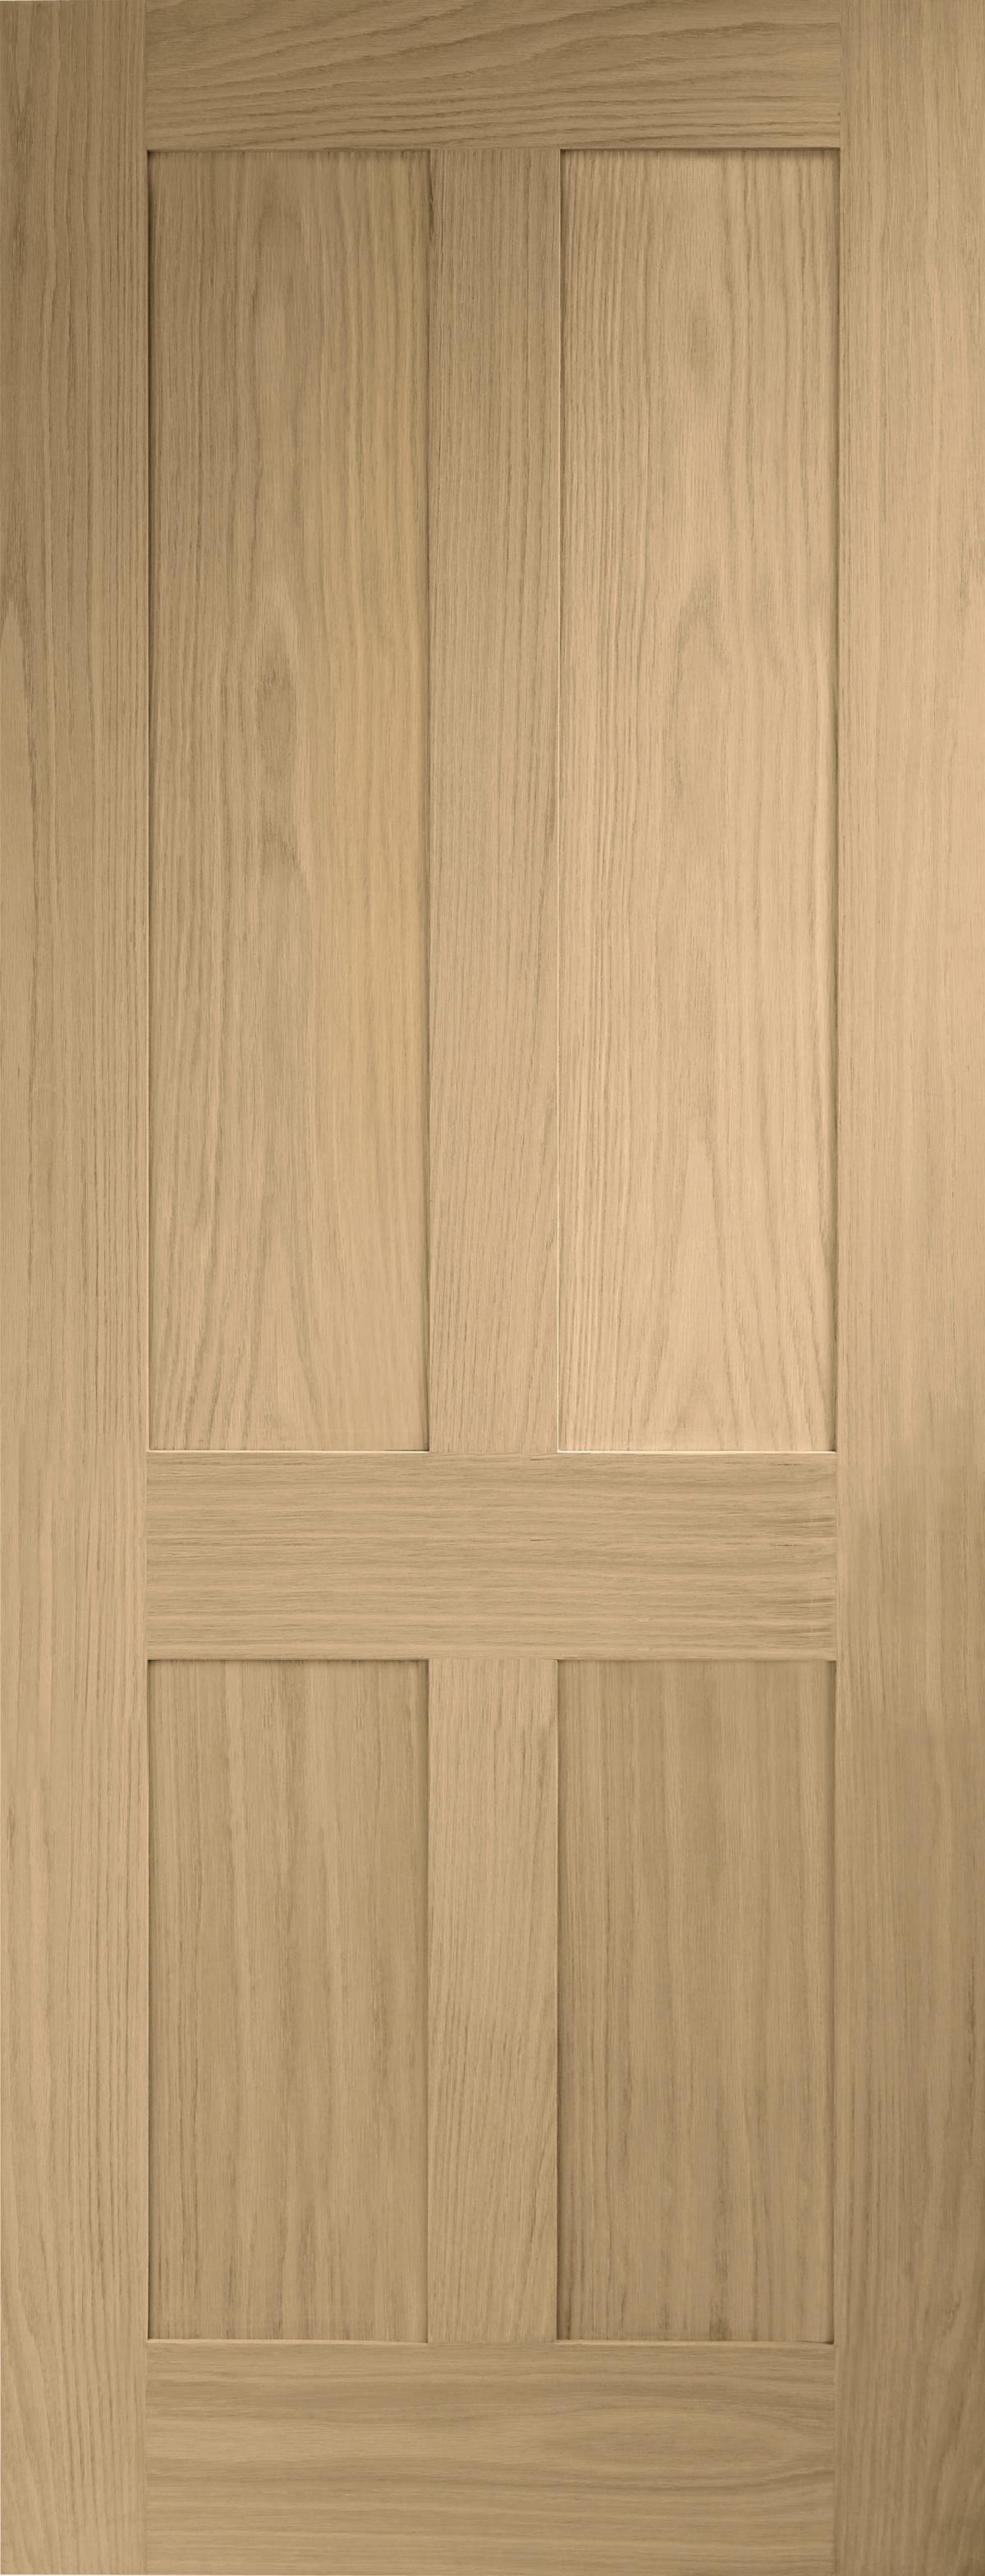 Victorian Oak Shaker 4 Panel Door